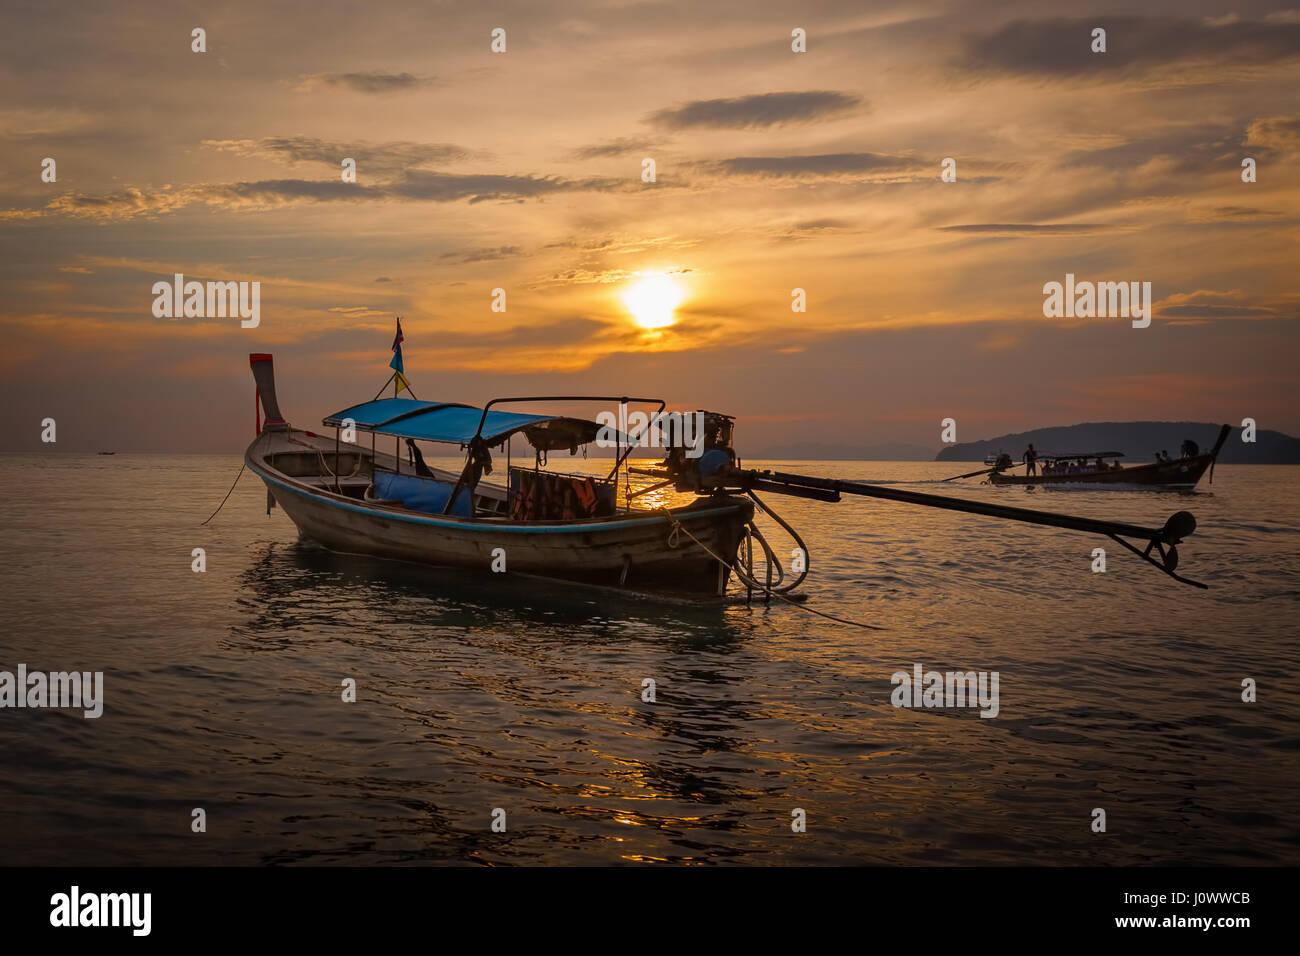 Longue queue voile au coucher du soleil sur la plage Ao Nang, province de Krabi, Thaïlande, Asie du Sud-Est Photo Stock